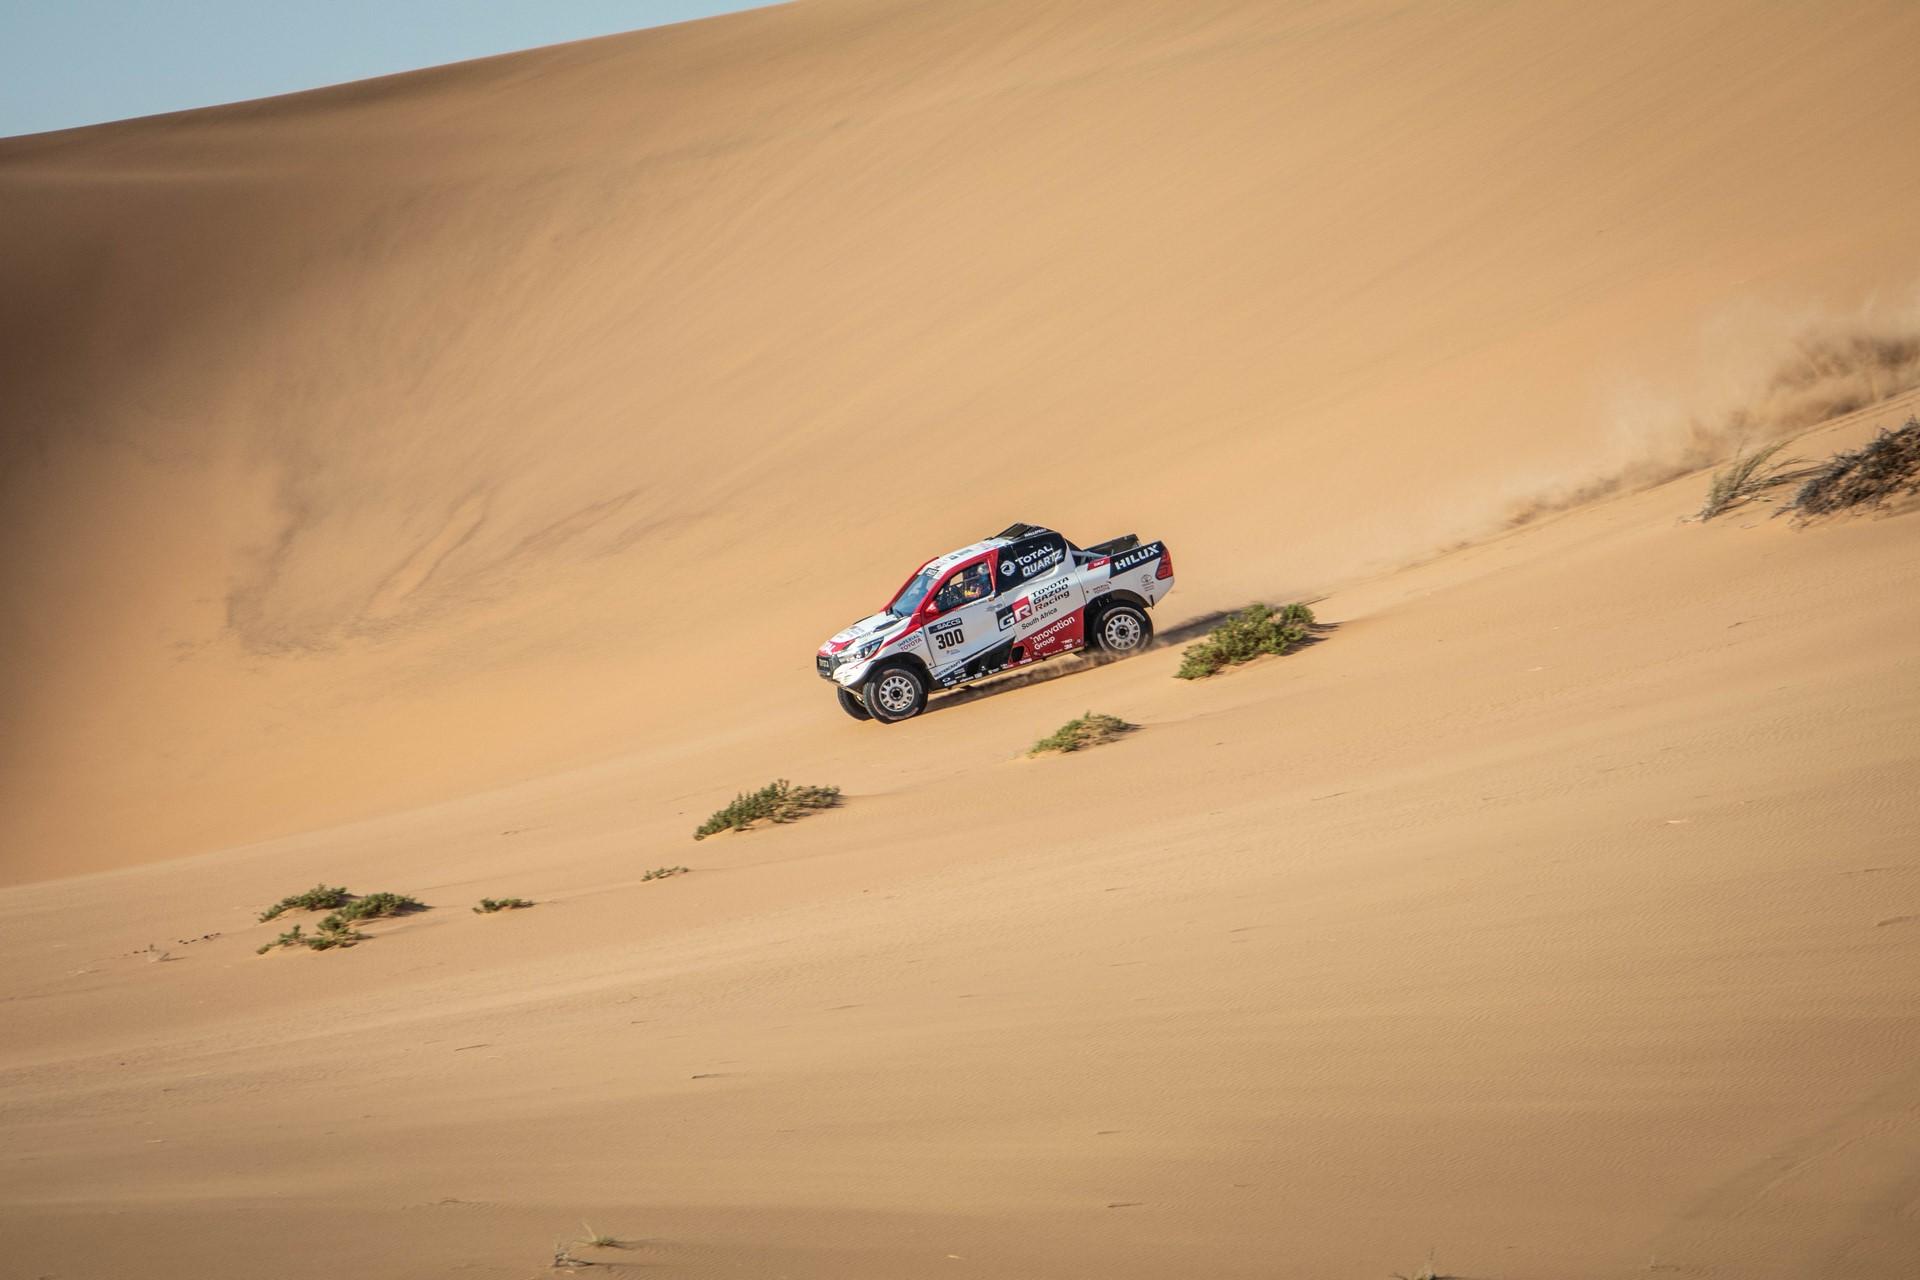 Fernando-Alonso-Training-Namibian-desert-7